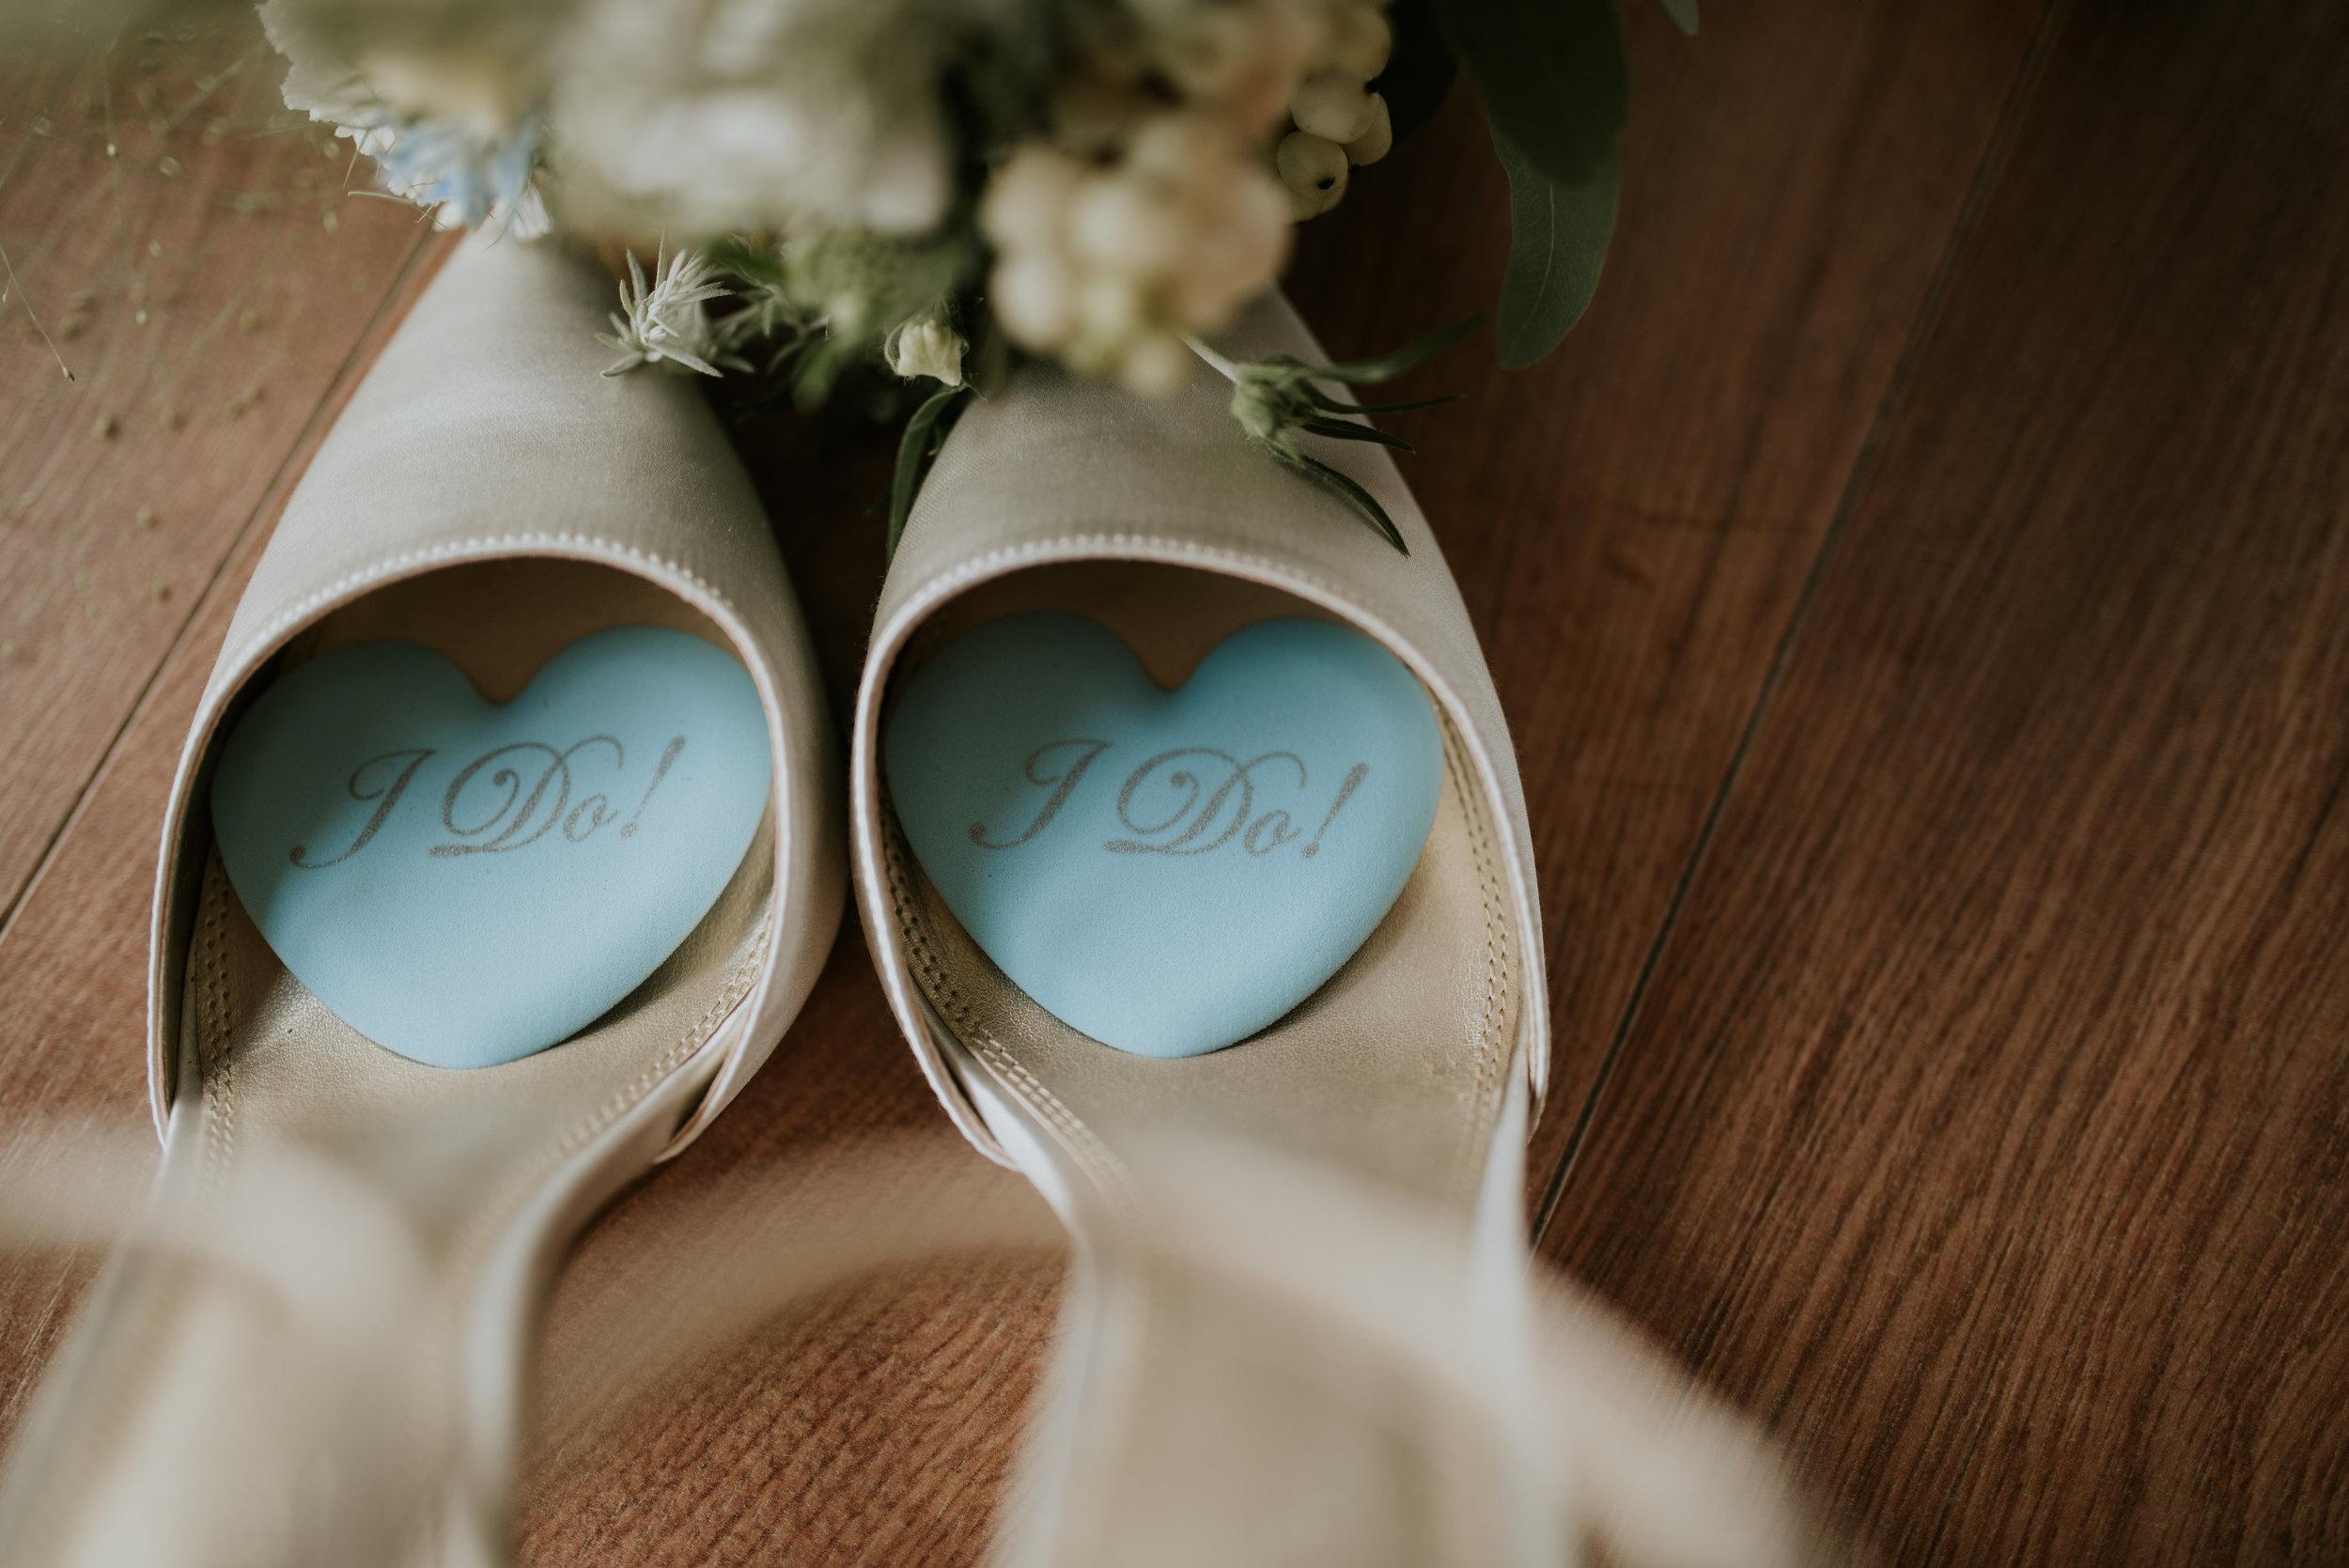 I-Do-Blue-Heart-wedding-Shoe-Inserts